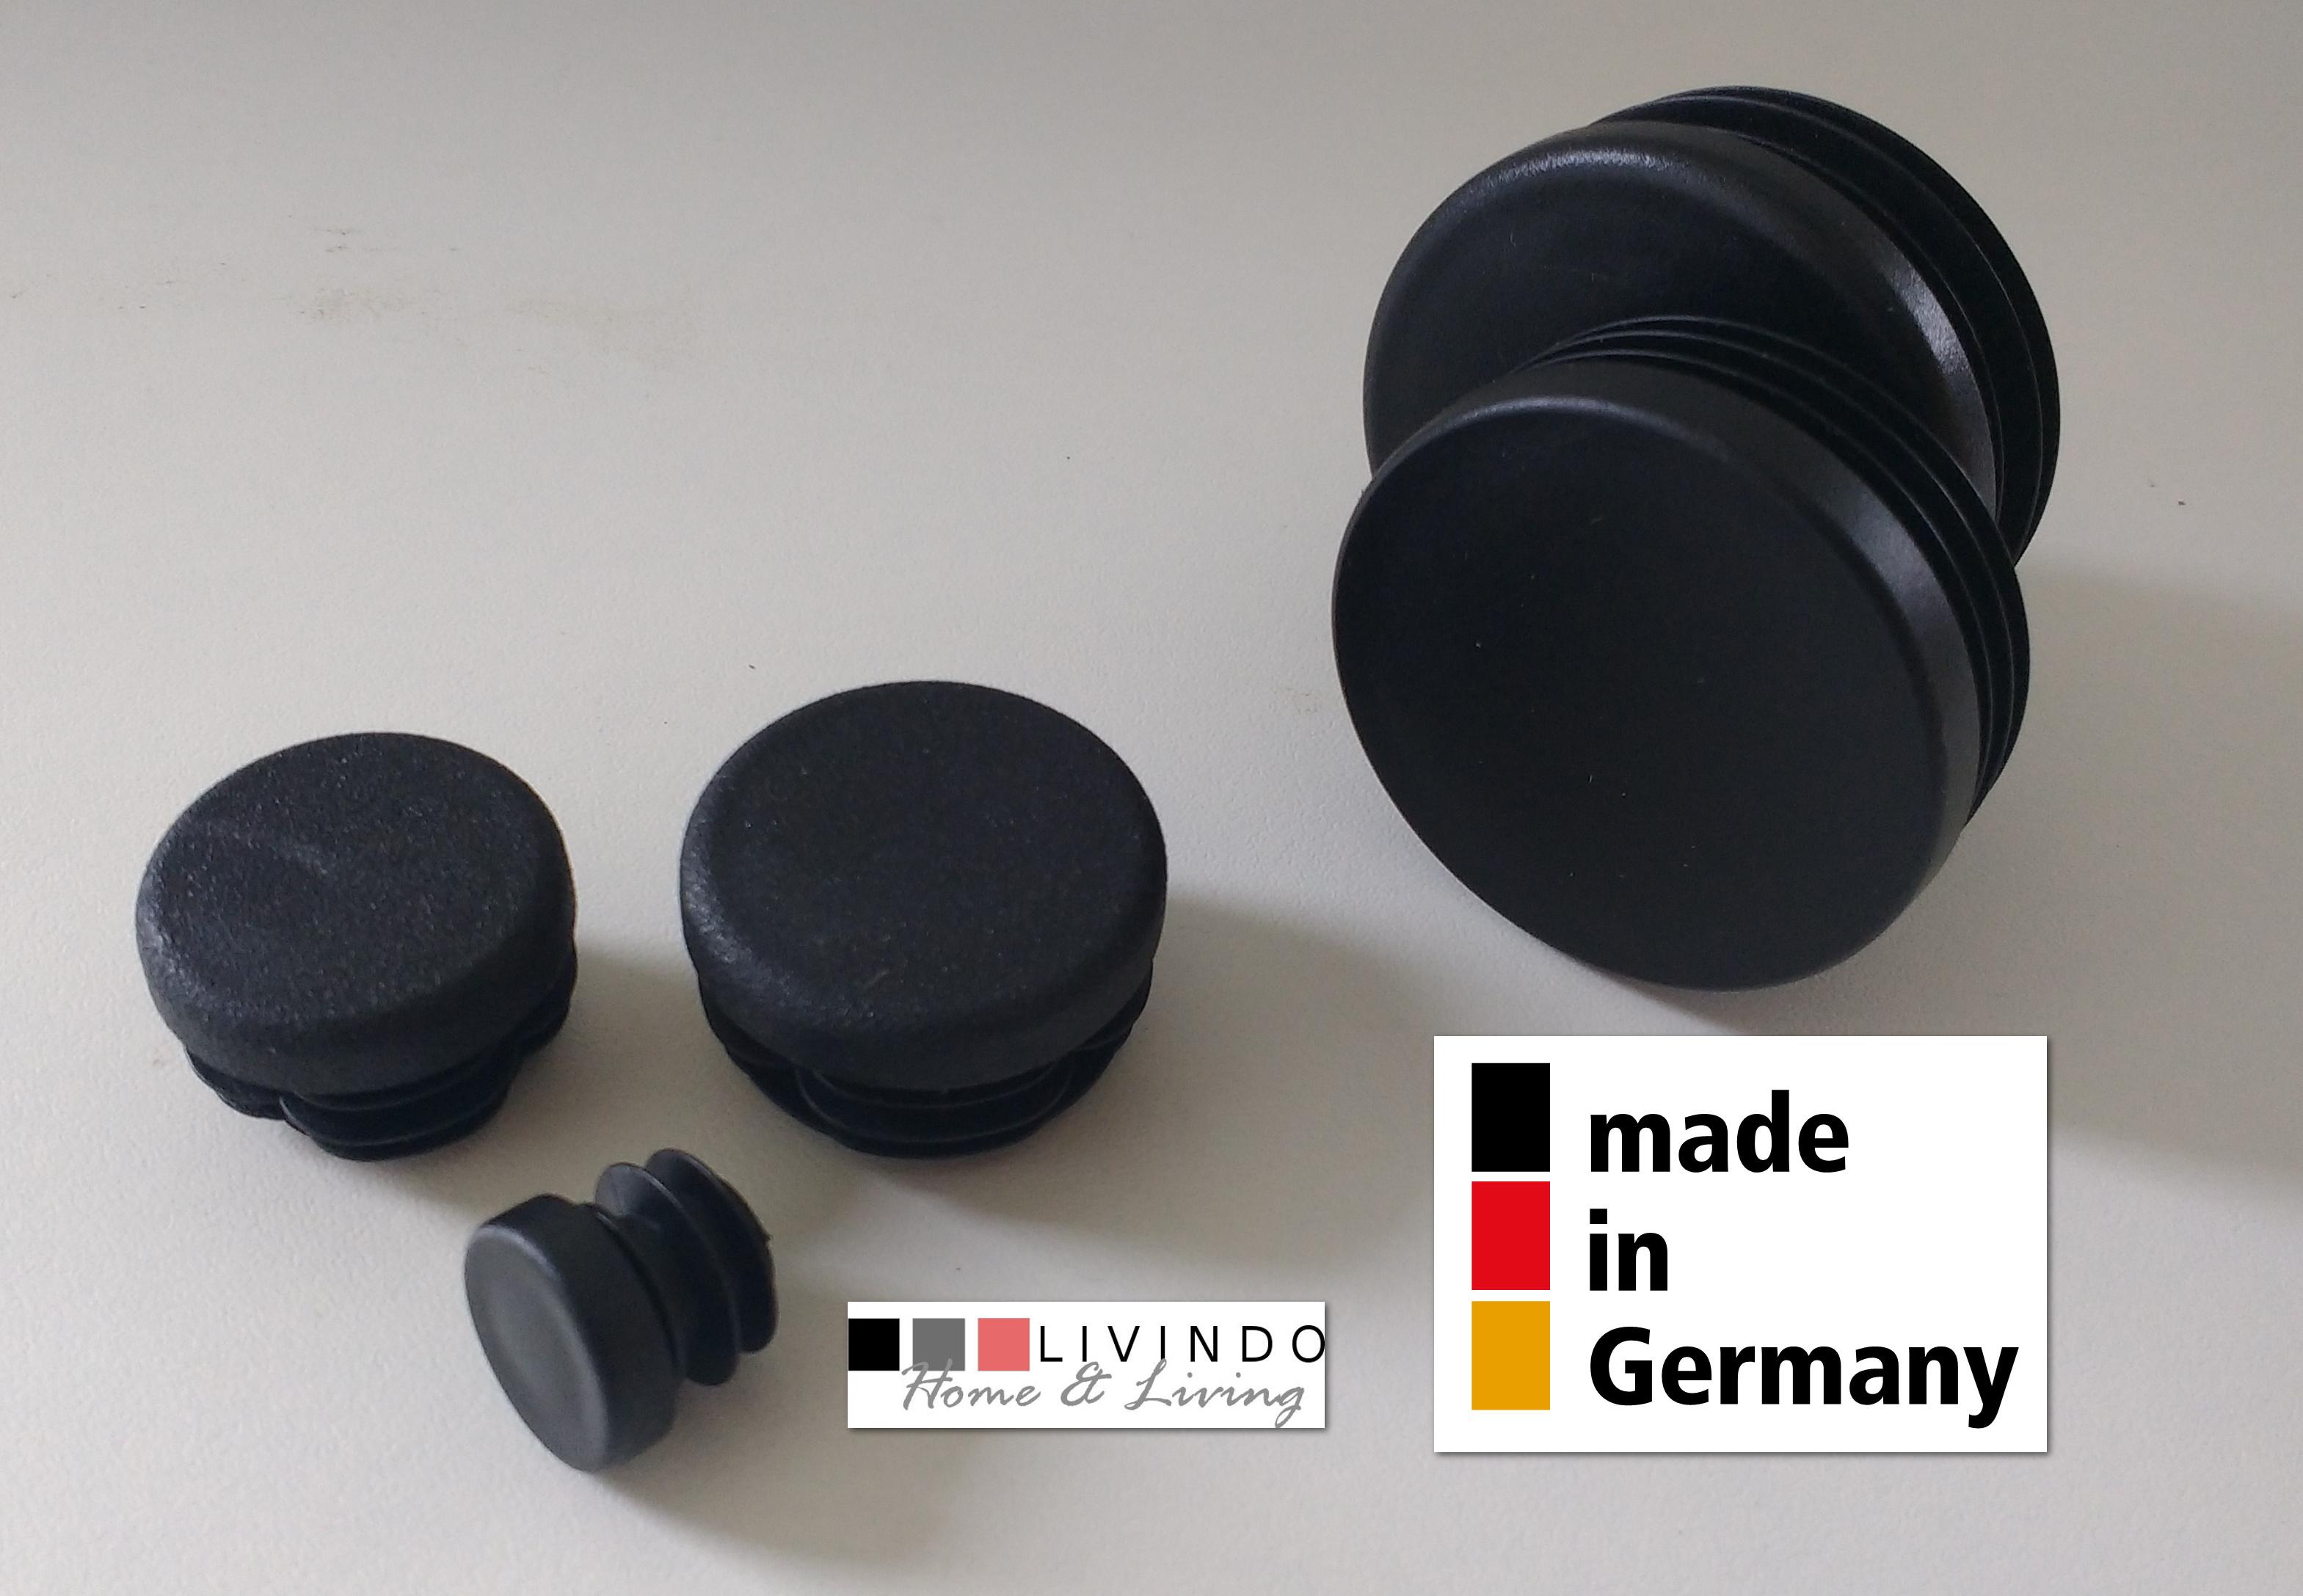 10 Stck. Lamellenstopfen Rohrstopfen Pfostenkappen Rund 100 mm Schwarz